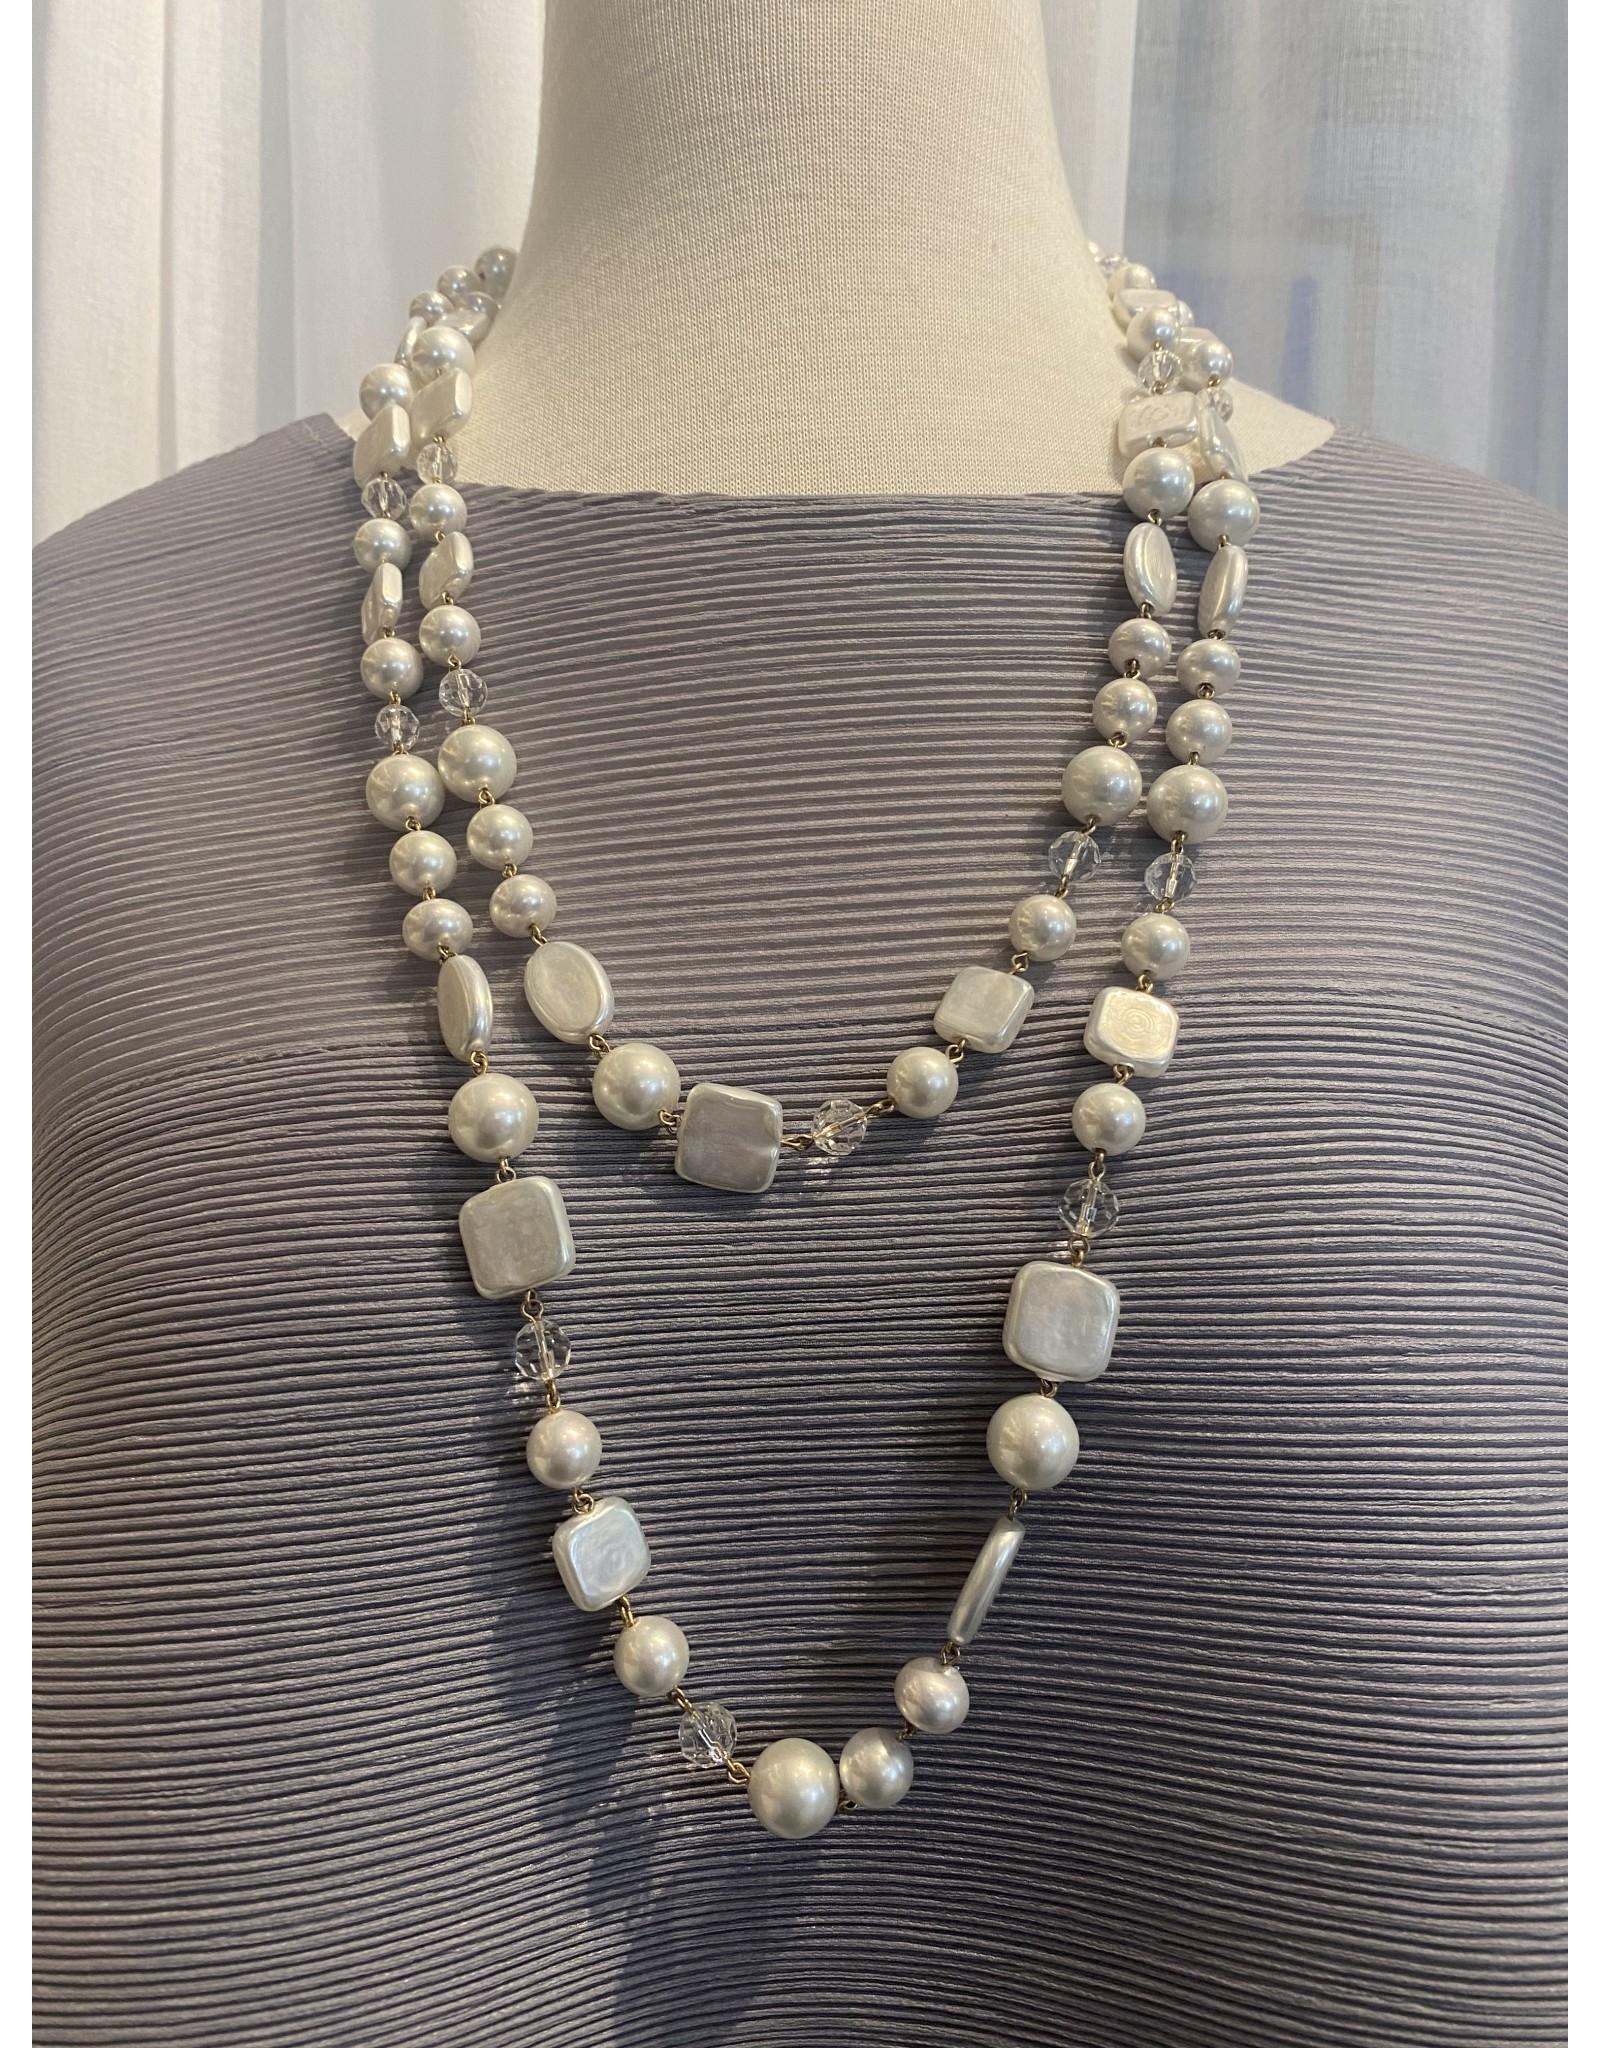 Francoise Montague Mix Pearl w/ Silver Long Necklace